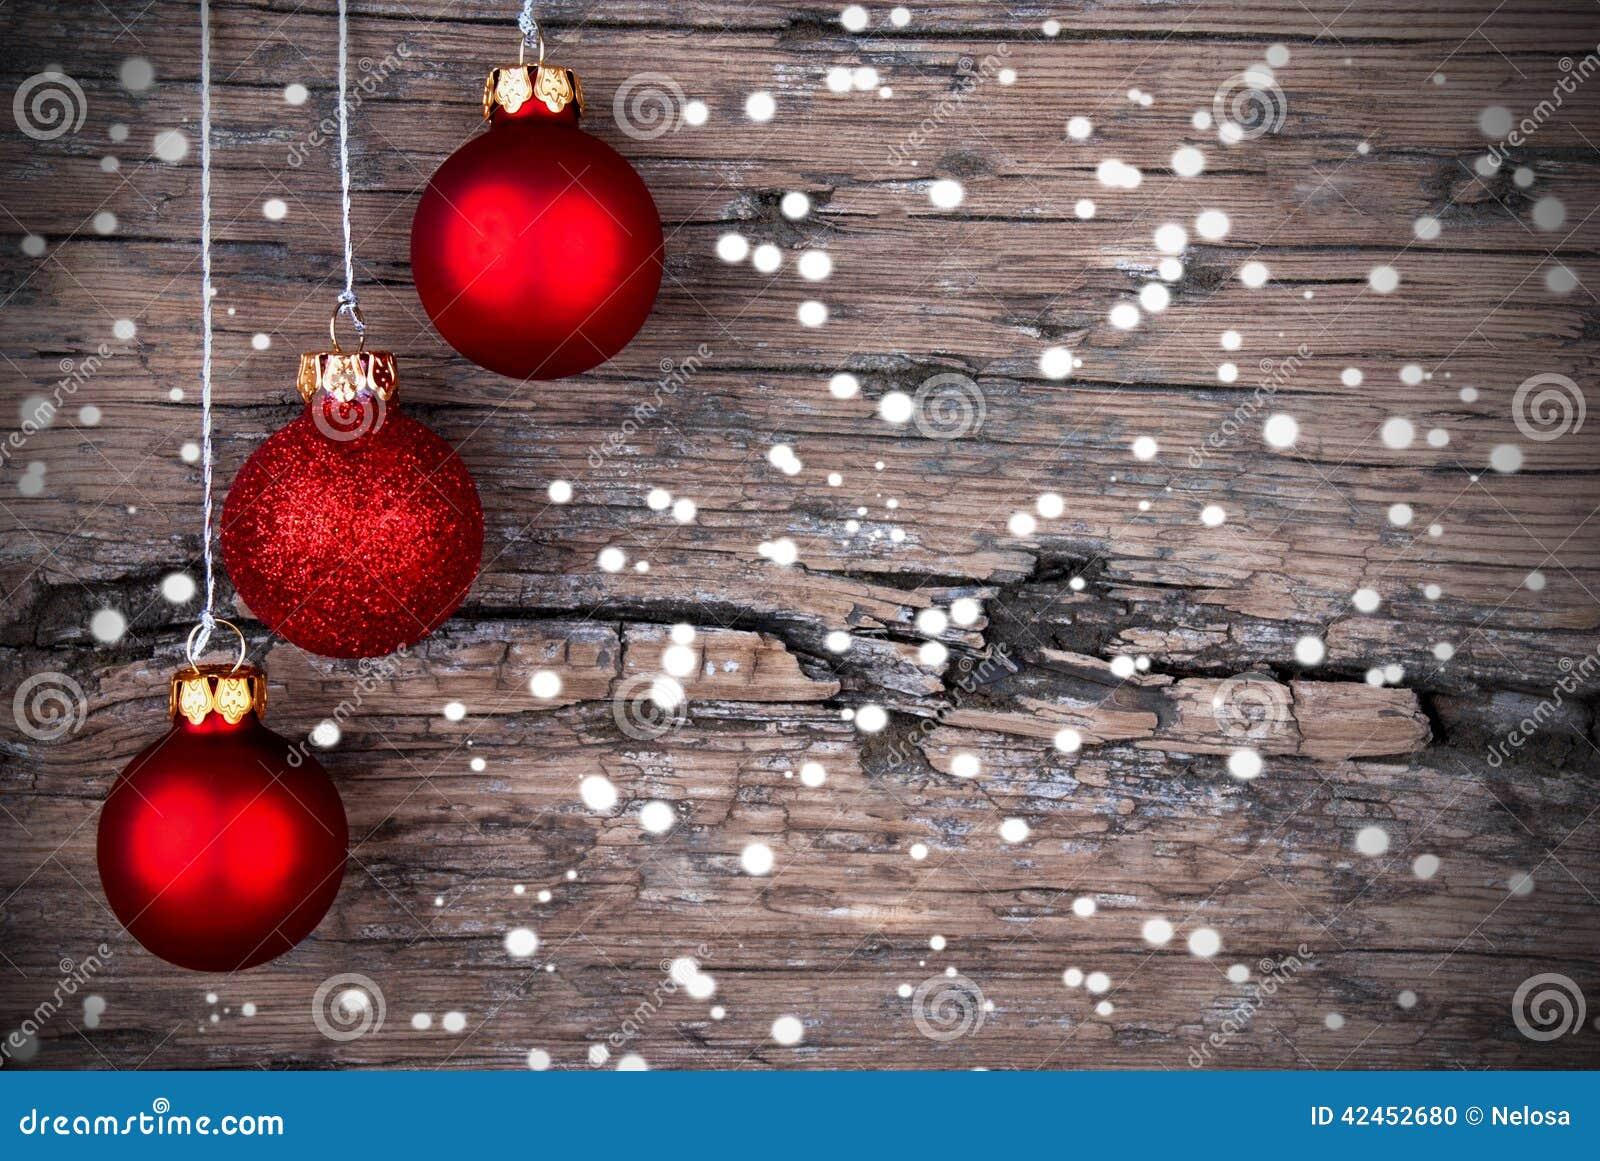 Weihnachtsdekoration mit Snow